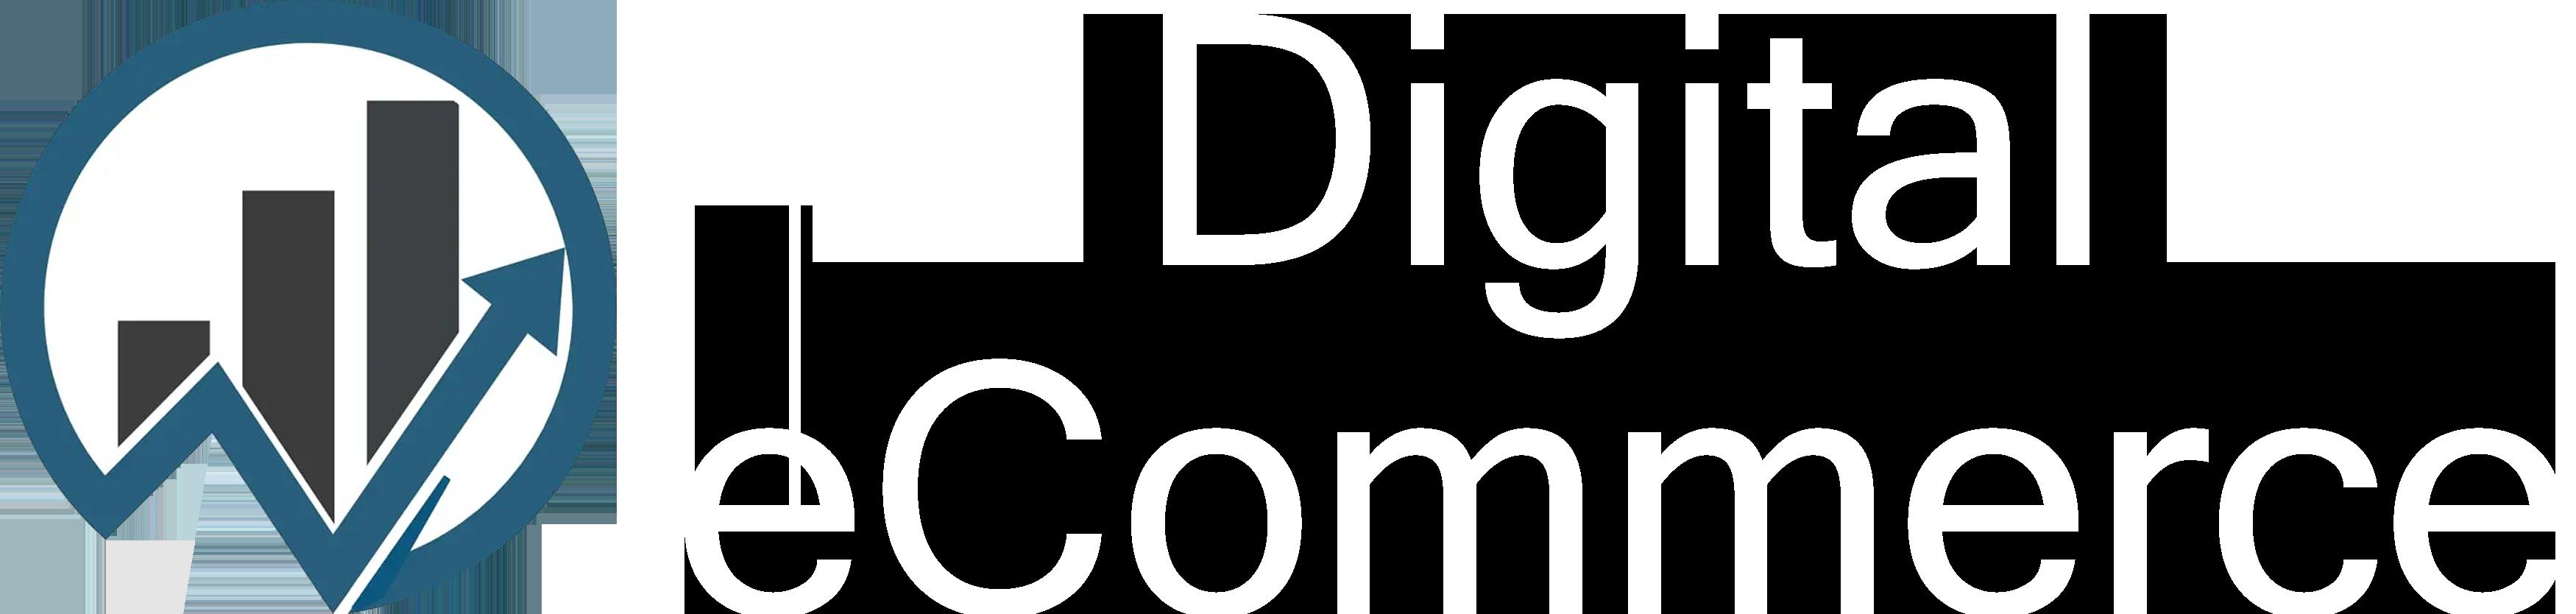 Digital eCommerce